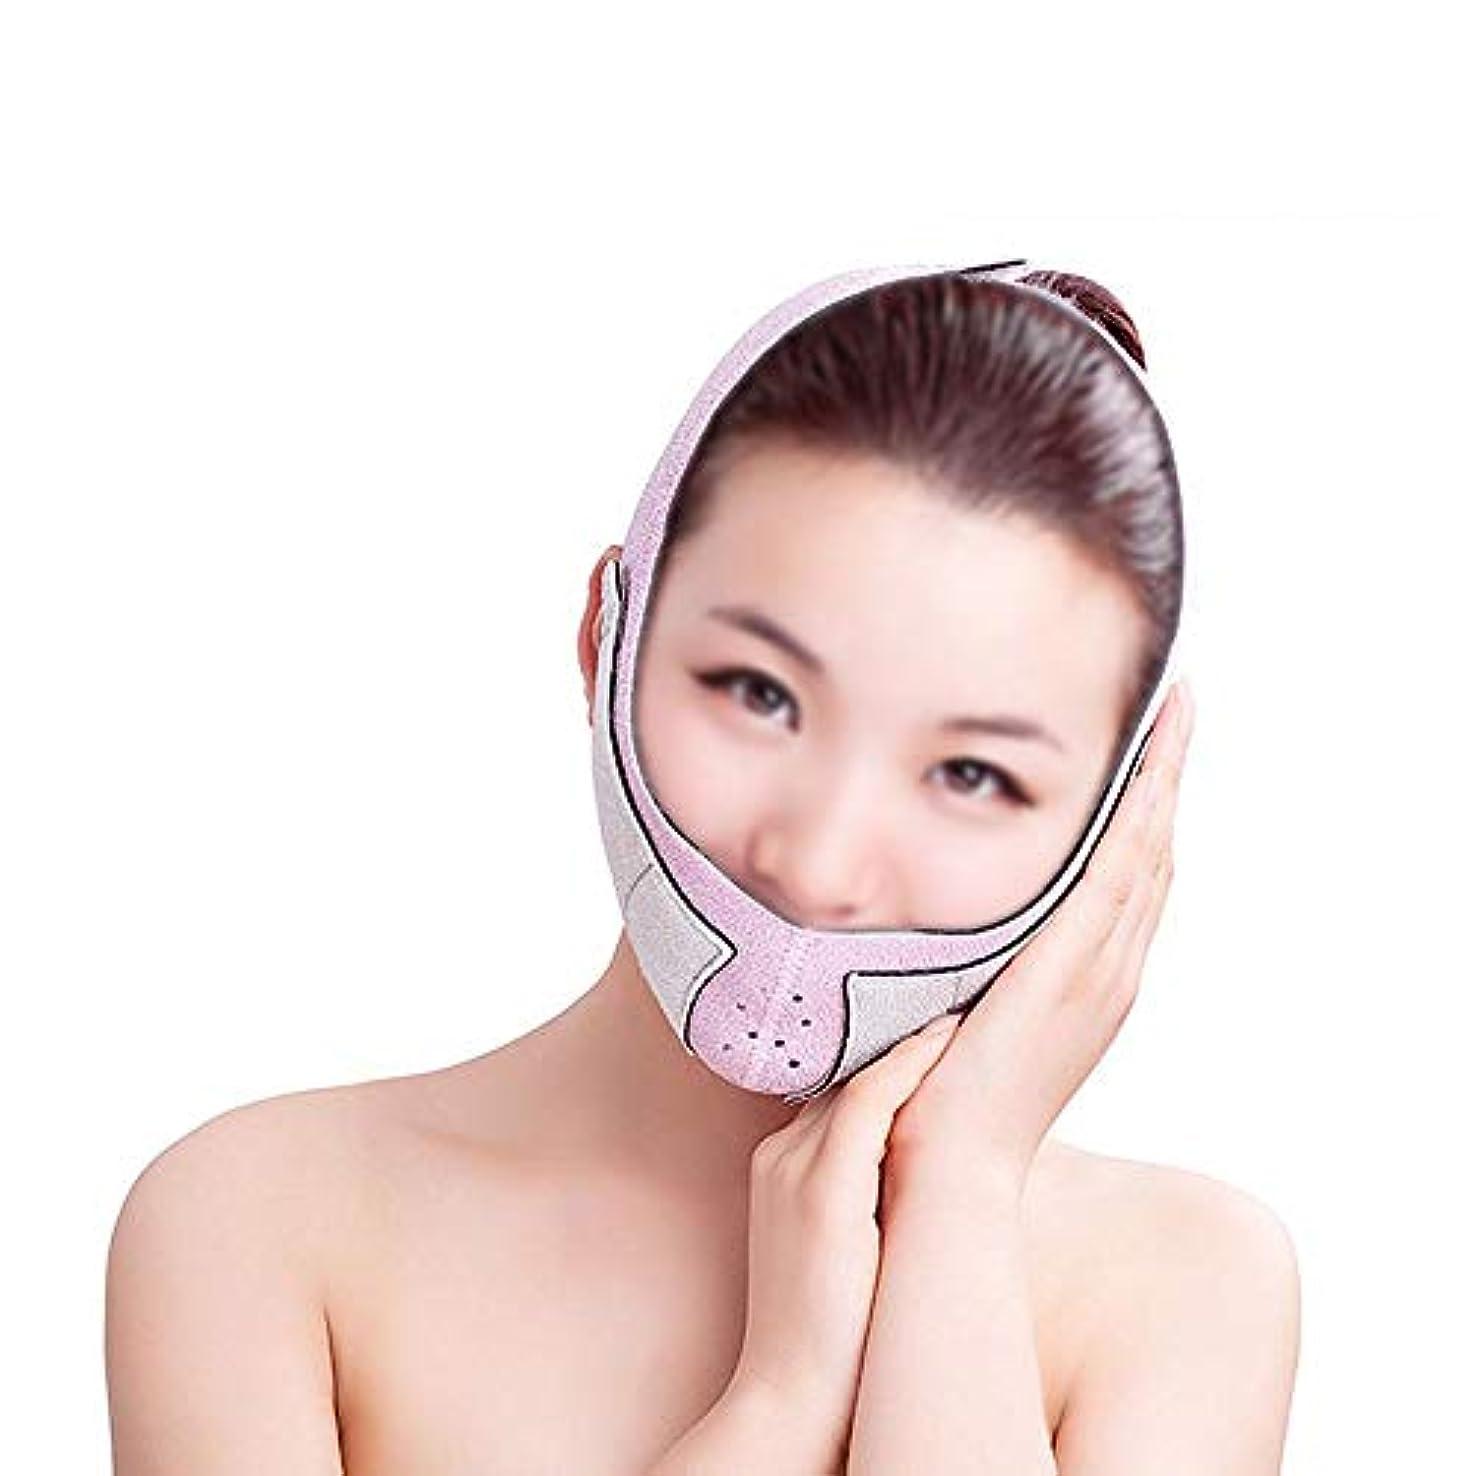 織機コメンテータースポットGLJJQMY 薄い顔マスク痩身ベルト薄い顔マスク強力なアップグレード小さいV顔薄い顔包帯美容顔デバイス 顔用整形マスク